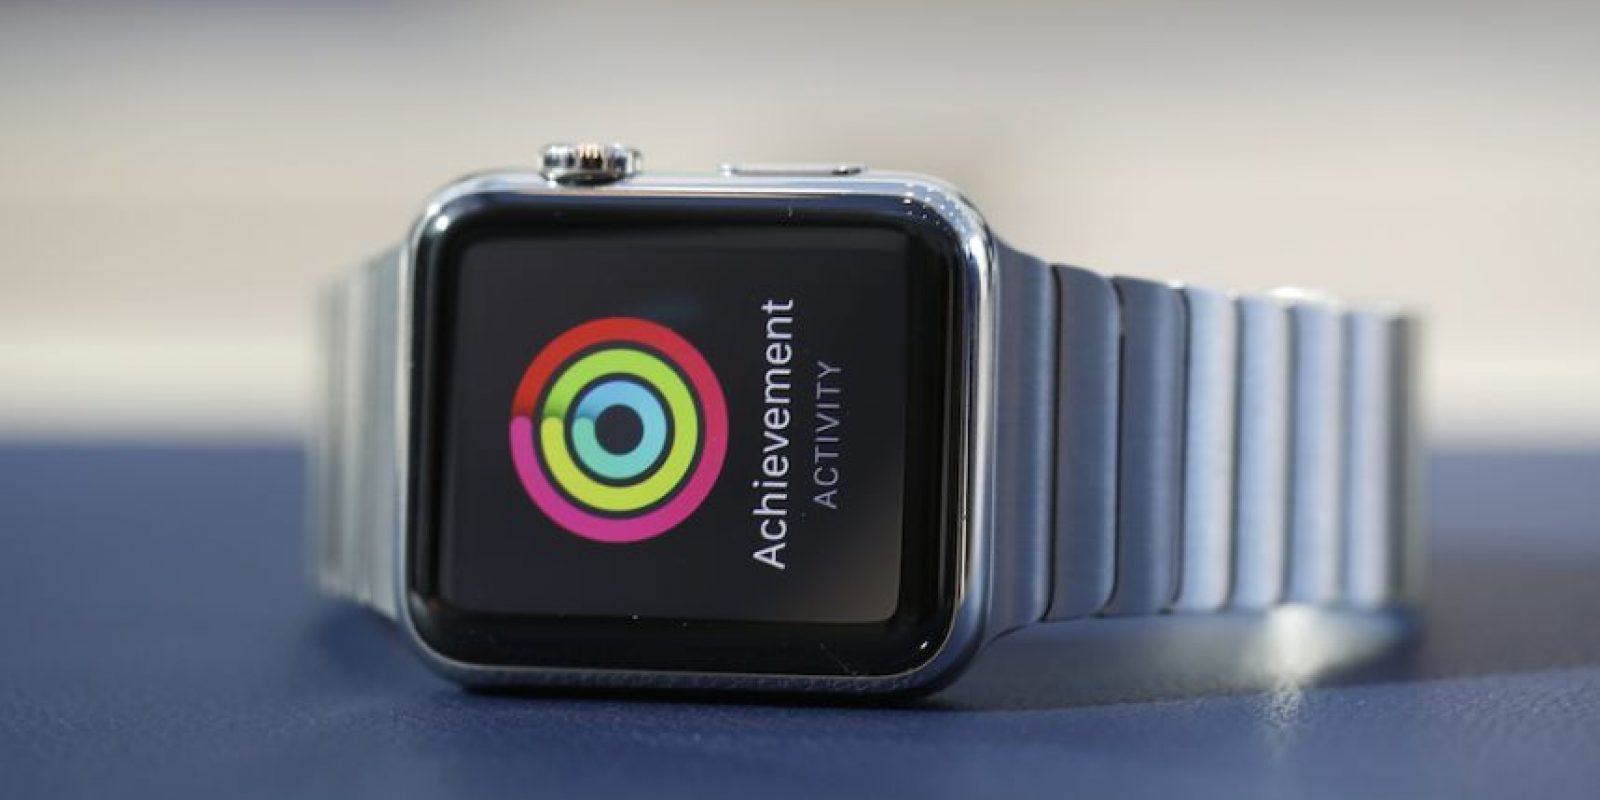 Si en un inicio conectar el reloj a Internet mediante el iPhone, en futura ocasiones reconocerá la red Wi-Fi sin hacer más movimientos. Foto:Getty Images